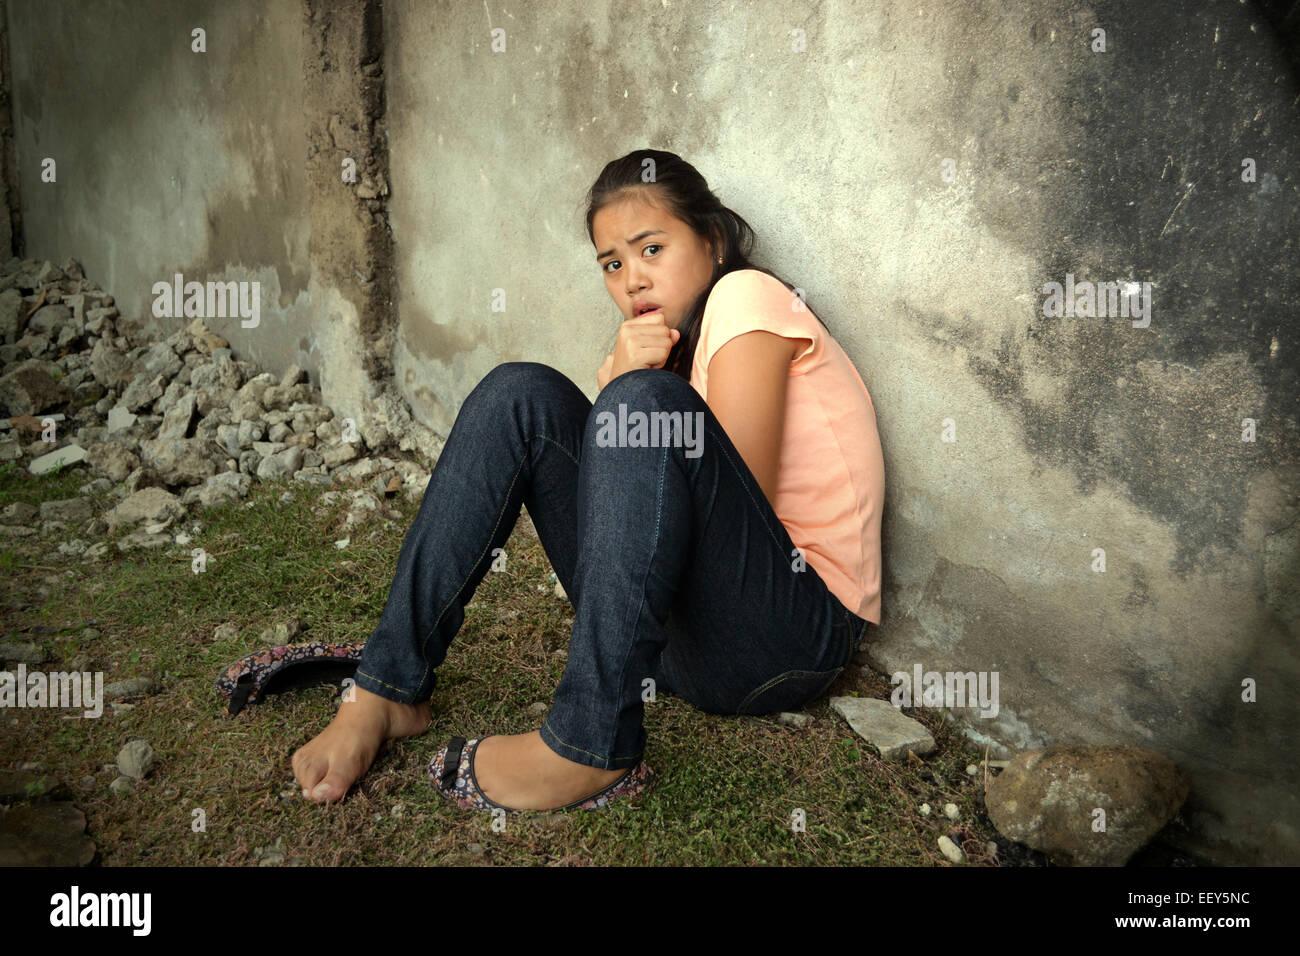 Asiatische junge Dame stützte sich auf eine Wand in einer armen Gegend betrachten etwas mit Angst vor Angst Stockbild